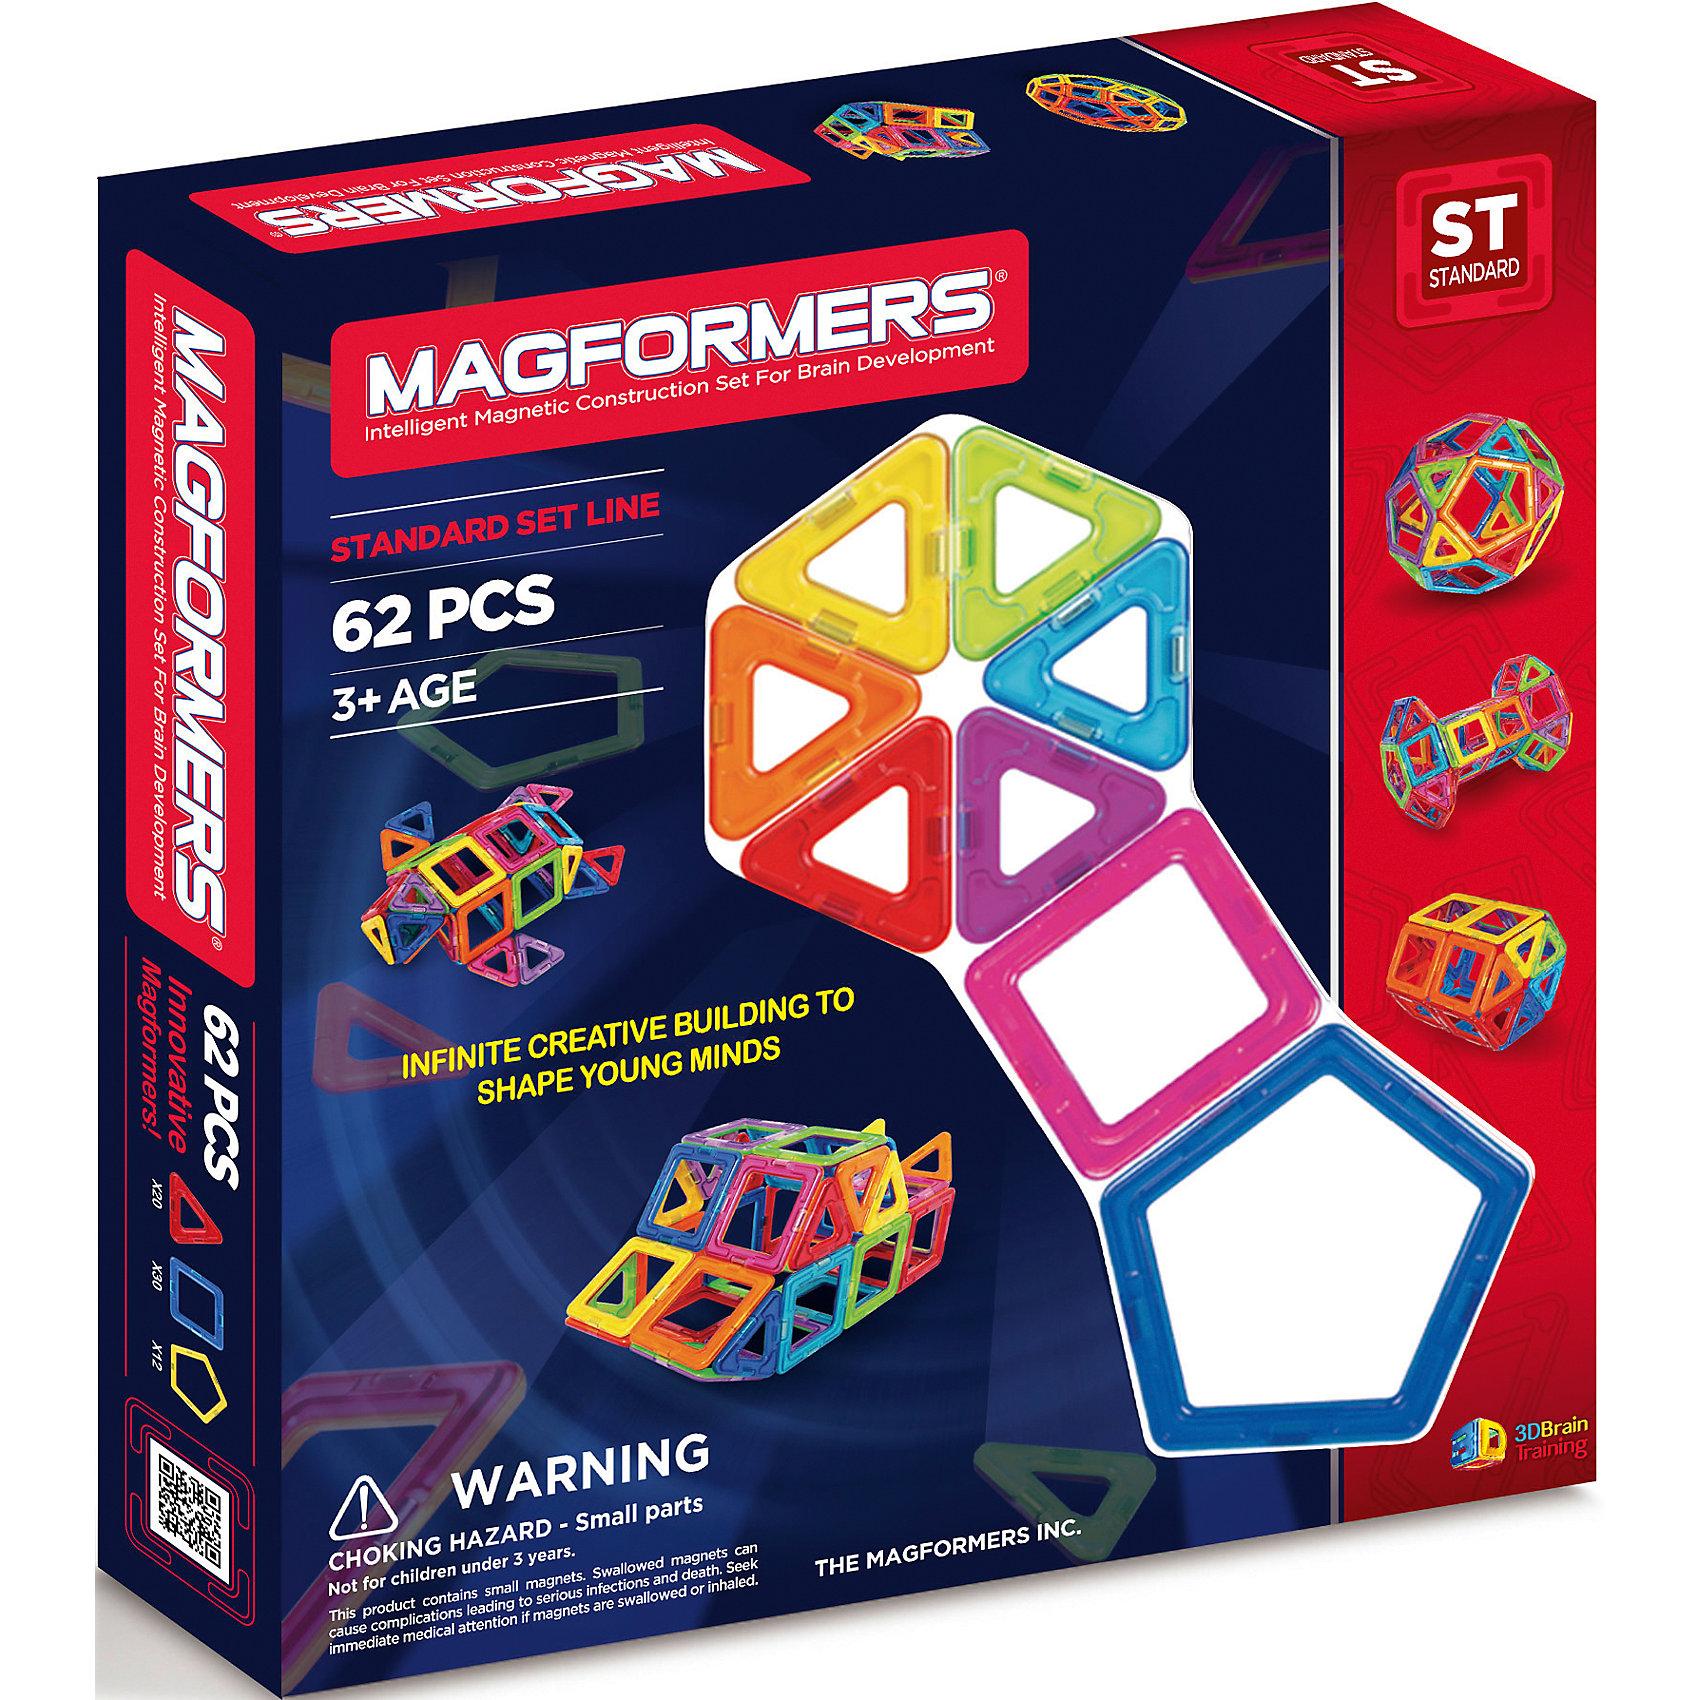 Магнитный конструктор 62, MAGFORMERSЭтот набор привлекателен большим количеством деталей. В него входят квадраты, треугольники и пятиугольники. Благодаря этому набору ребенок может делать не только технические постройки, но и животных, более сложные шары, которые начинаются с пятиугольников и при постепенном добавлении квадратов и треугольников превращаются во что-то сказочное и необычное.<br>Magformers-62 можно покупать для девочек и мальчиков любых возрастных категорий. Самые маленькие конструкторы могут попробовать создавать фигуры на плоской поверхности или, скажем, на магнитной. Набор можно применить даже в игре с малышом до года. Папы и мамы могут построить фигуры, которые ребёнок с невероятным удовольствием будет не только разглядывать, но и ломать. <br>Для детей более взрослого возраста к набору прилагается специальная книга предложений, которую можно применить для конструирования домов, башен, ракет, кораблей и так далее. Данный набор несомненно представляет собой не только увлекательную игру и забаву, но с его помощью развивается не только фантазия детей, но также улучшается его понимание пространственной геометрии.<br><br>Такой конструктор понравится каждому ребенку. К тому же яркая упаковка помогает ему стать идеальным подарком!<br><br>Дополнительная информация:<br><br>- Количество деталей: 62 шт. <br>- Треугольники: 20 шт. <br>- Квадраты: 30 шт. <br>- Пятиугольники: 12 шт. <br>- Возраст: от 3 лет <br>- Материал: прочный пластик <br>- Размер упаковки: 30,5x32x5 см <br>- Вес в упаковке: 1,14 кг. <br><br>Купить магнитный конструктор 62 MAGFORMERS можно в нашем магазине.<br><br>Ширина мм: 325<br>Глубина мм: 305<br>Высота мм: 50<br>Вес г: 1212<br>Возраст от месяцев: 36<br>Возраст до месяцев: 192<br>Пол: Унисекс<br>Возраст: Детский<br>SKU: 4730841